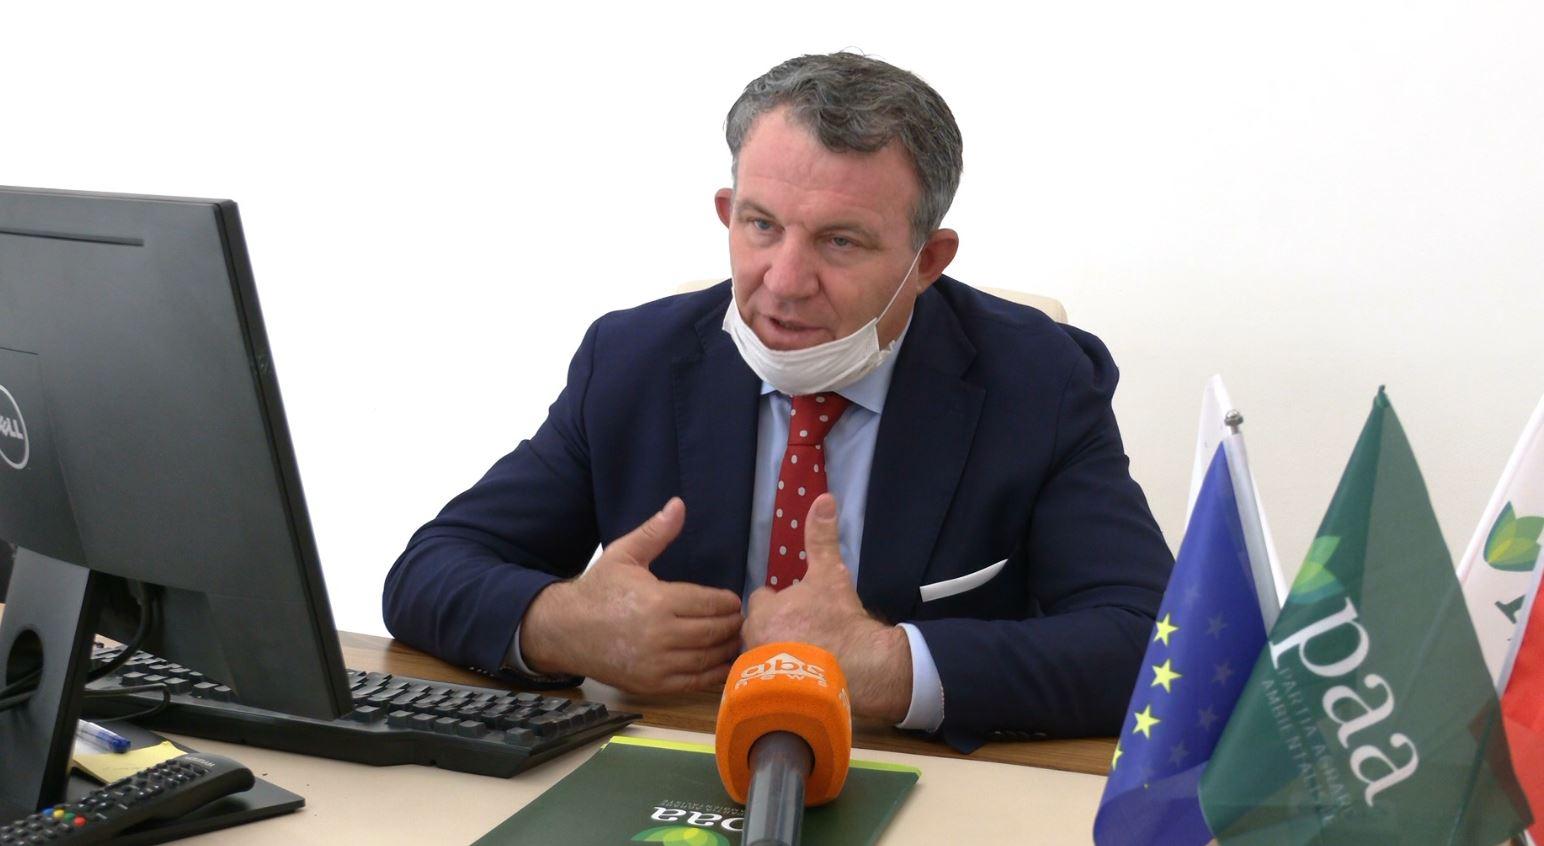 Marrëveshja Kosovë-Serbi nxitje për ekonominë shqiptare, Malaj: Duhet transparencë